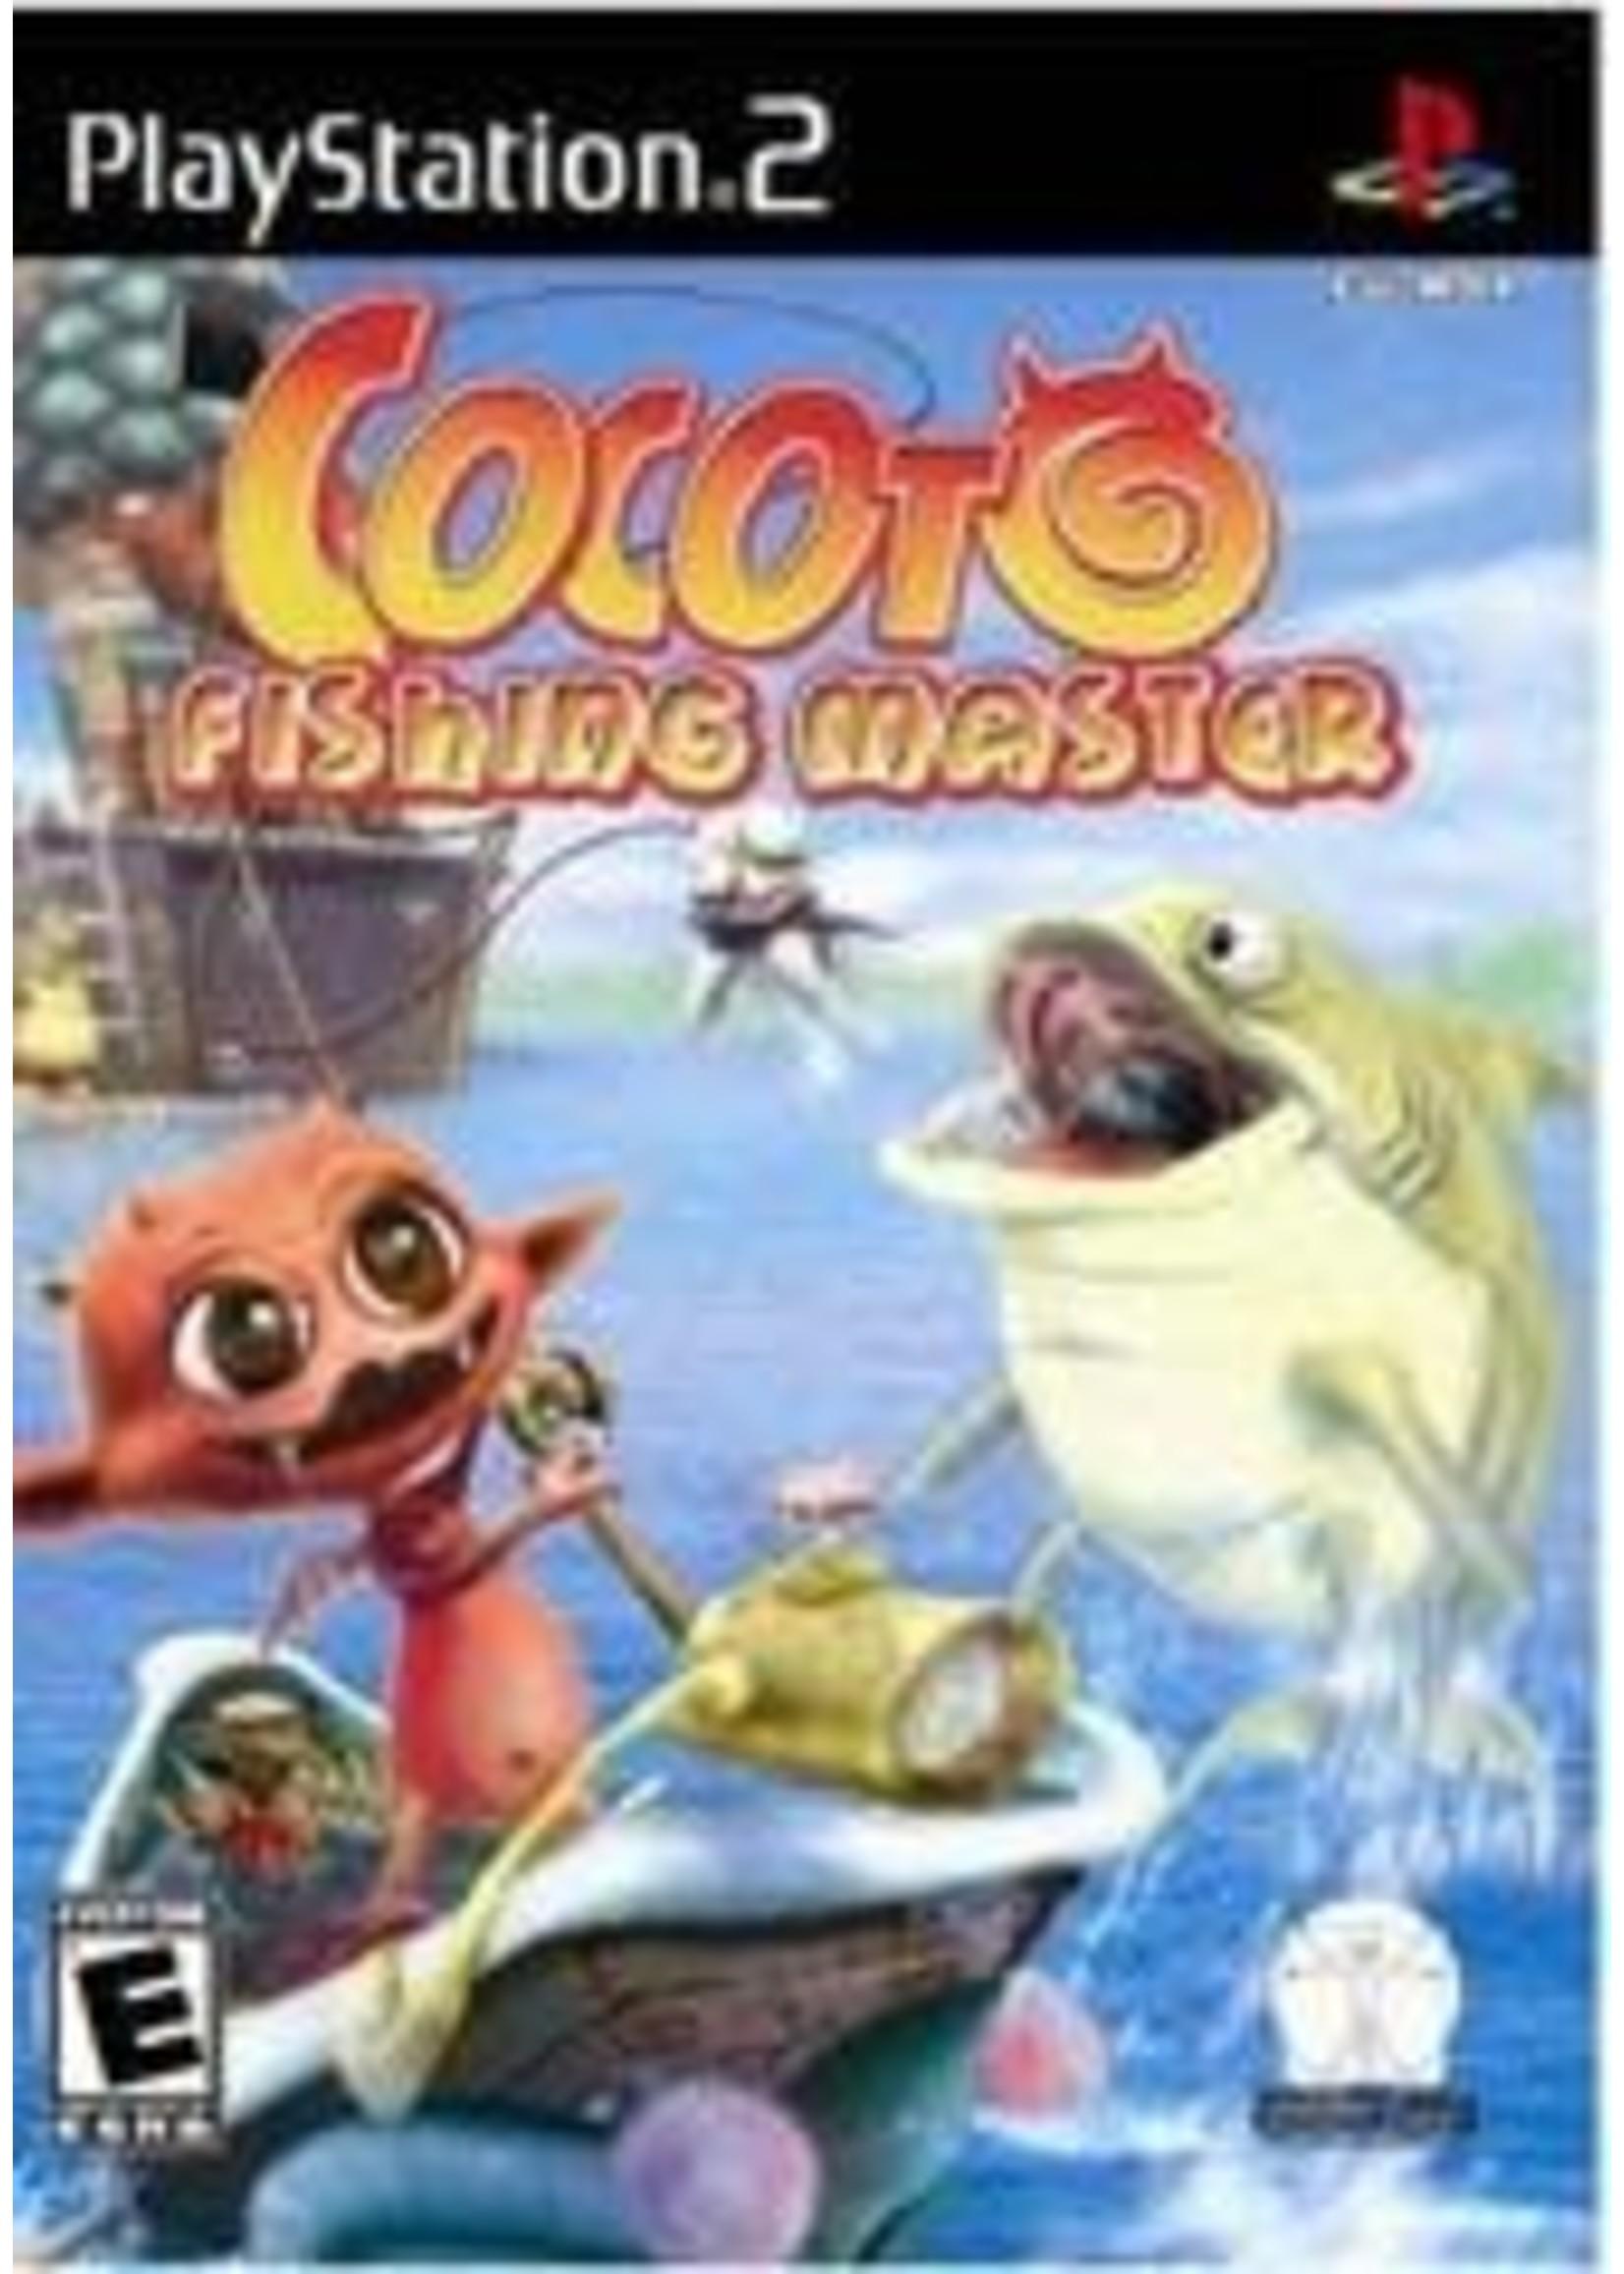 Cocoto Fishing Master Playstation 2